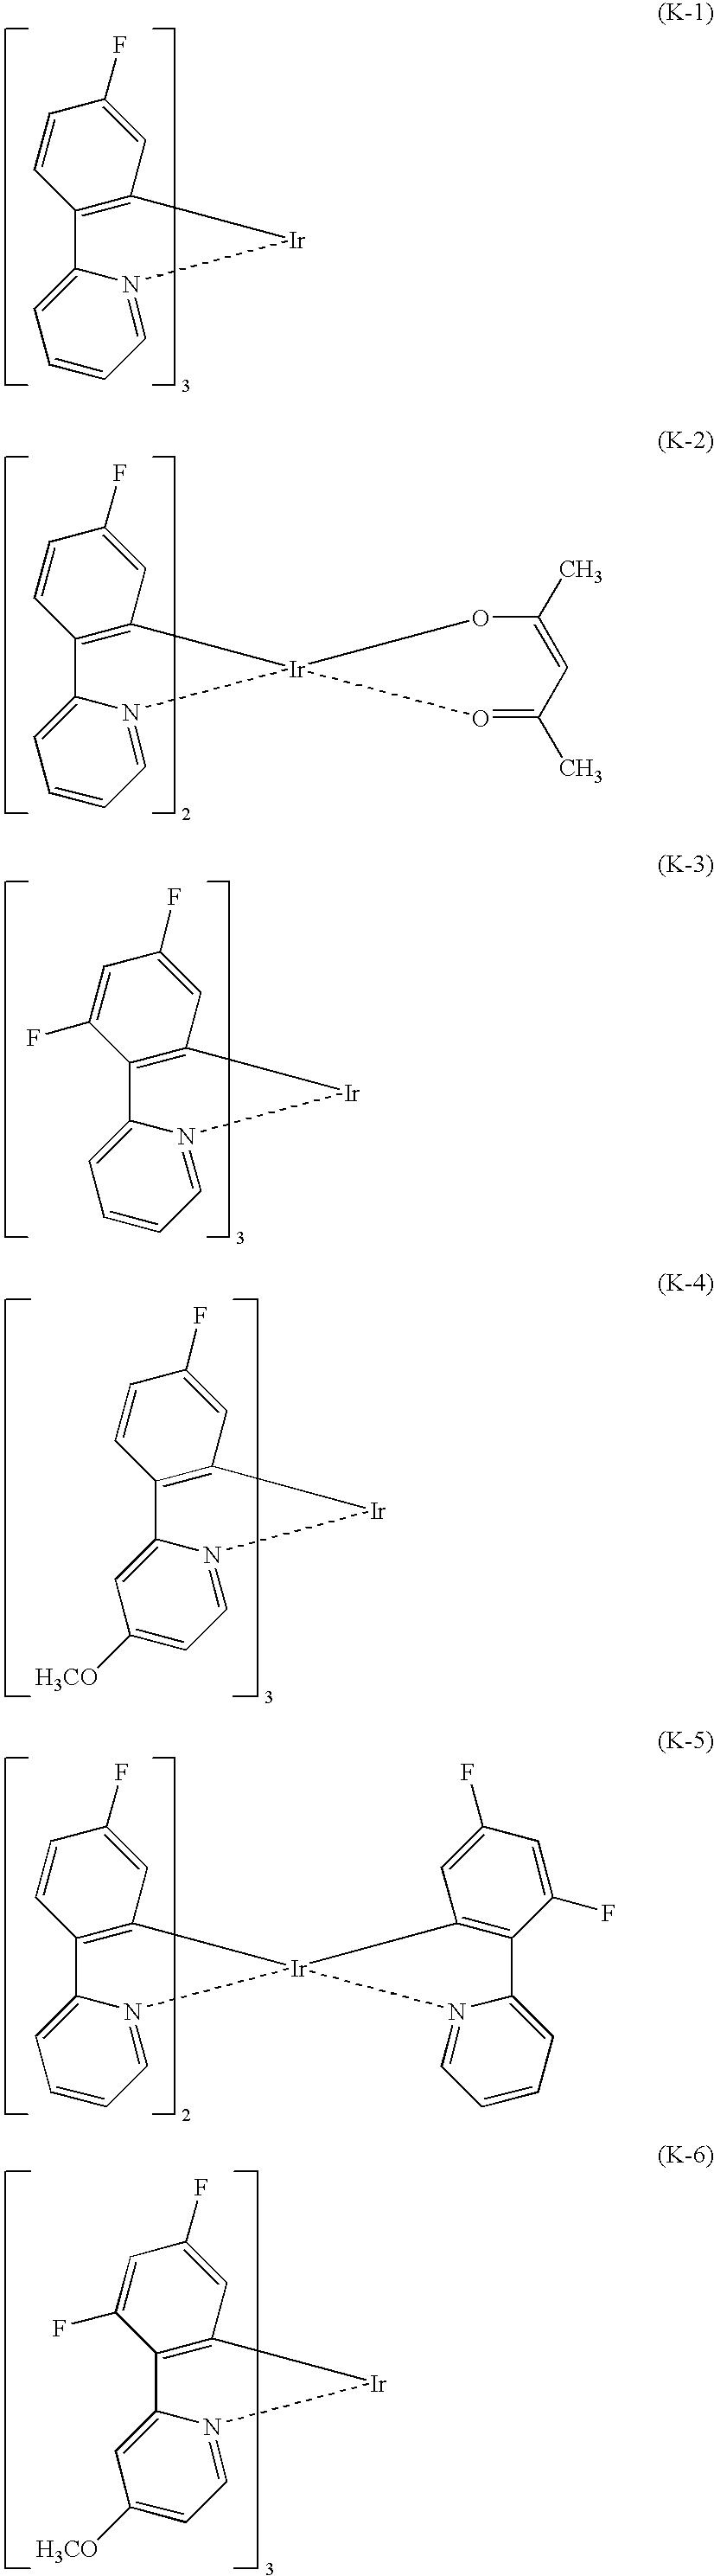 Figure US20060257684A1-20061116-C00002